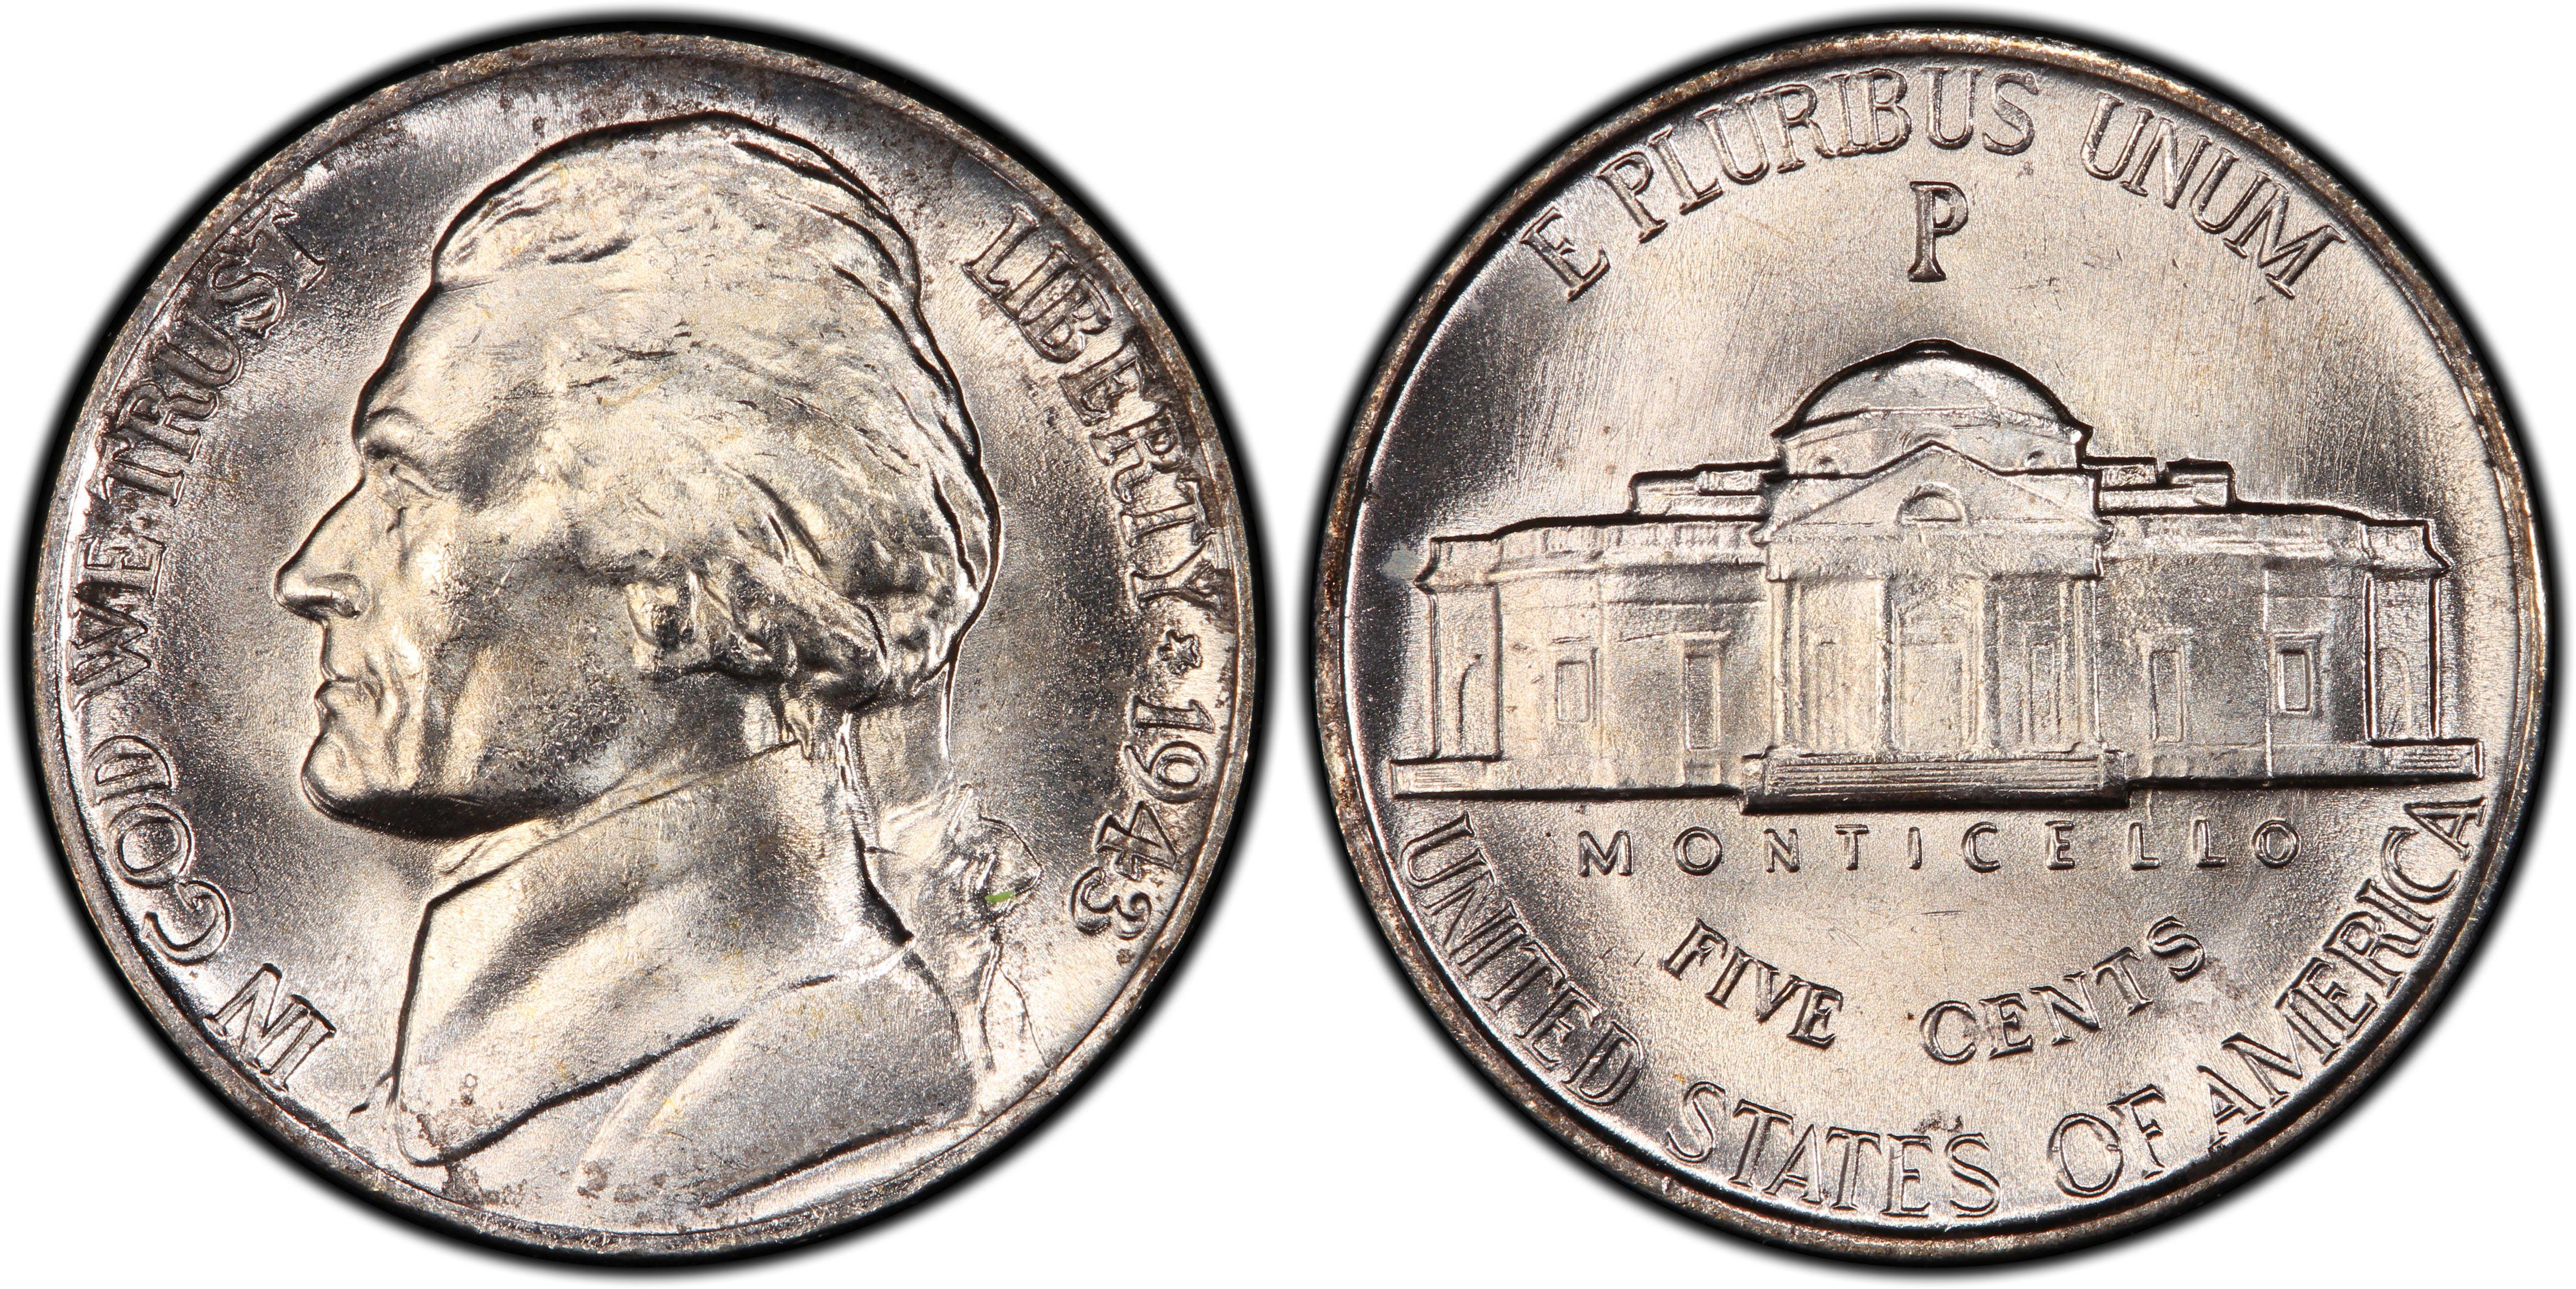 1943-P 5C Doubled Die Obverse (Regular Strike) Jefferson